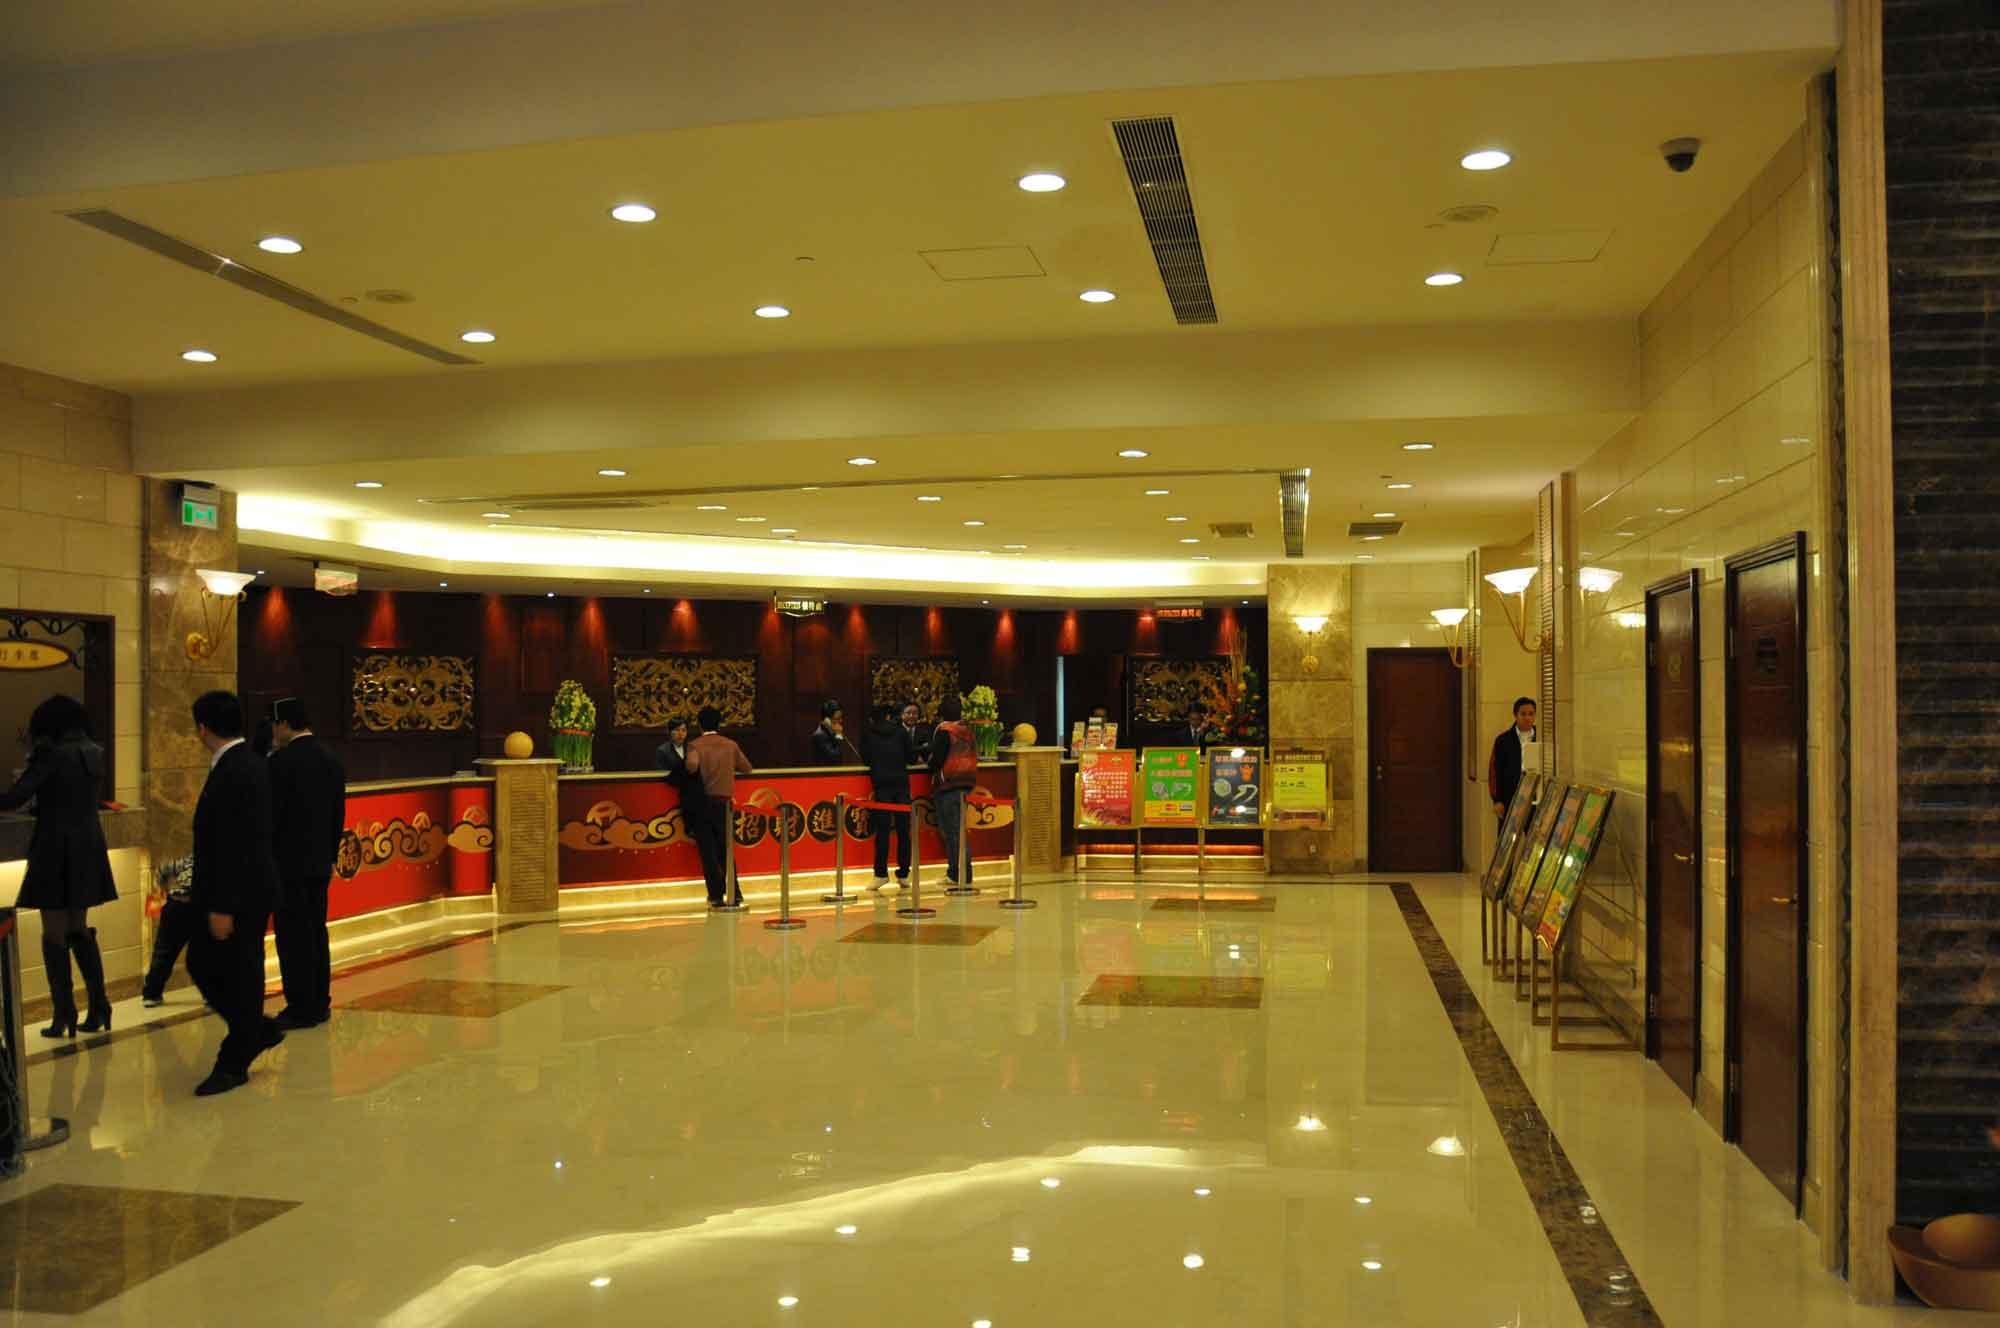 Hotel Fortuna lobby